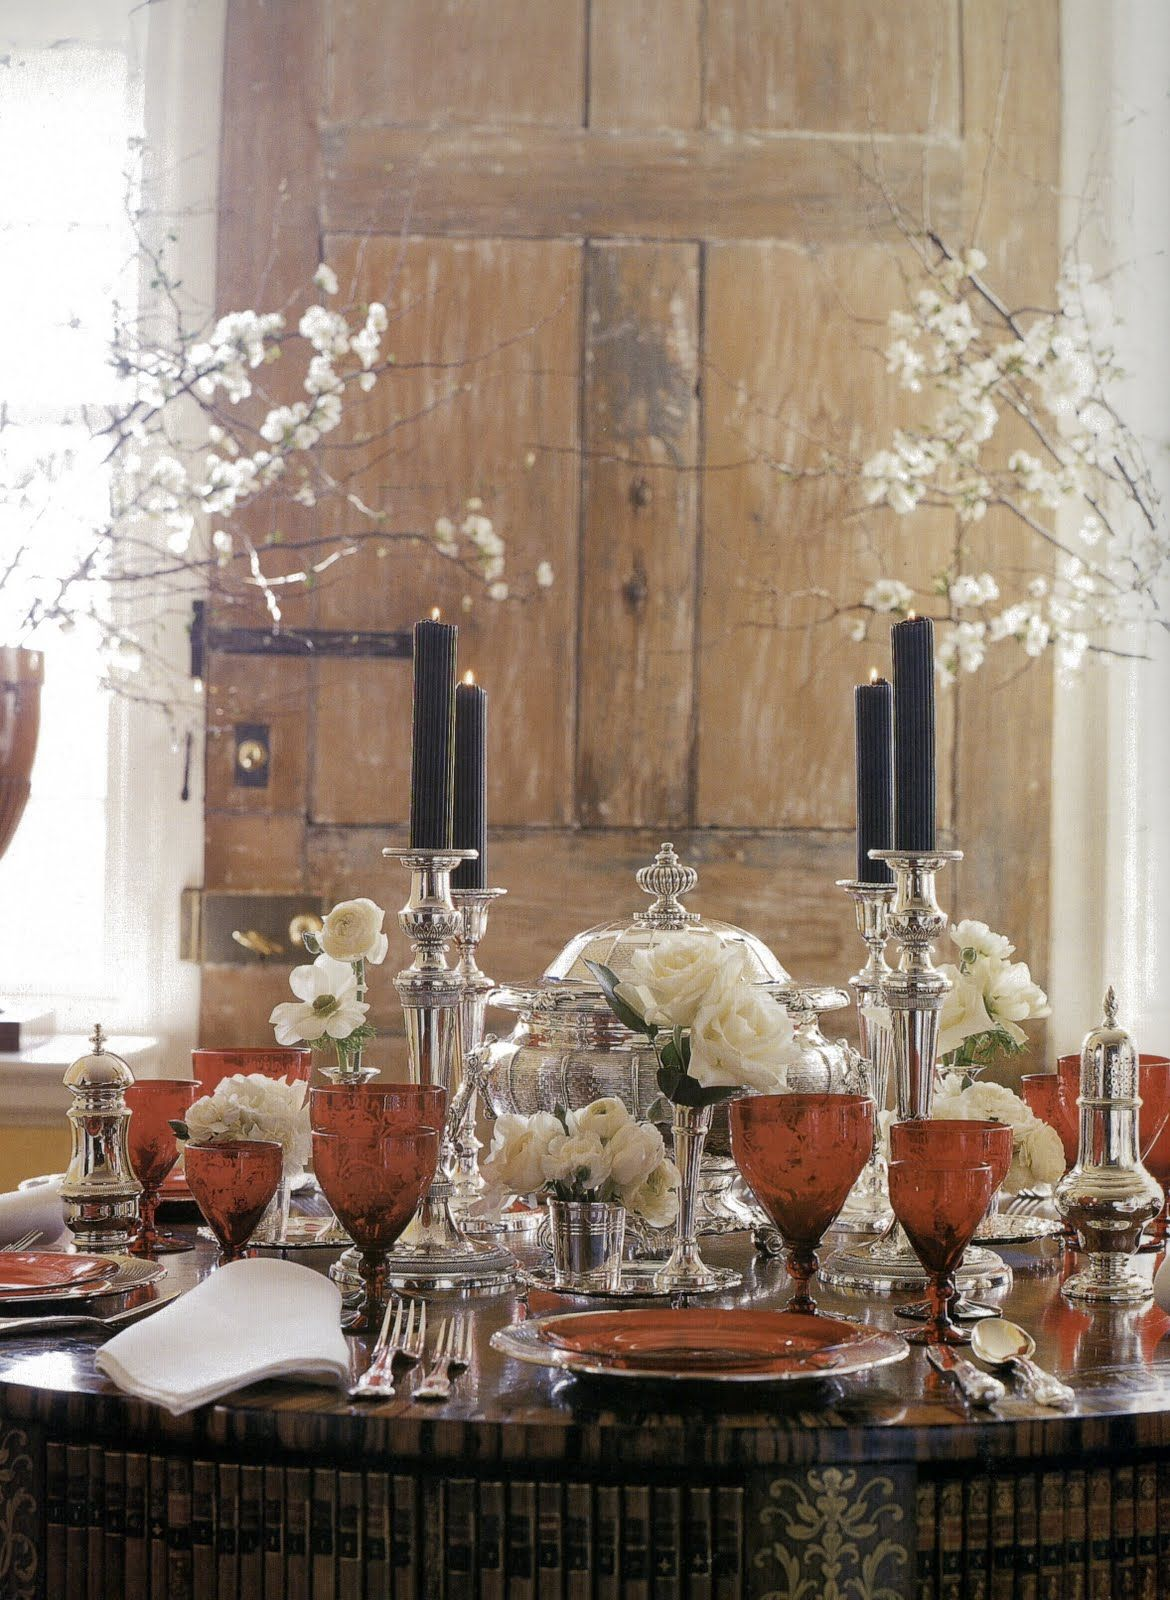 Table decor.  Mesa interessante pelo efeito altura (castiçais e flores).